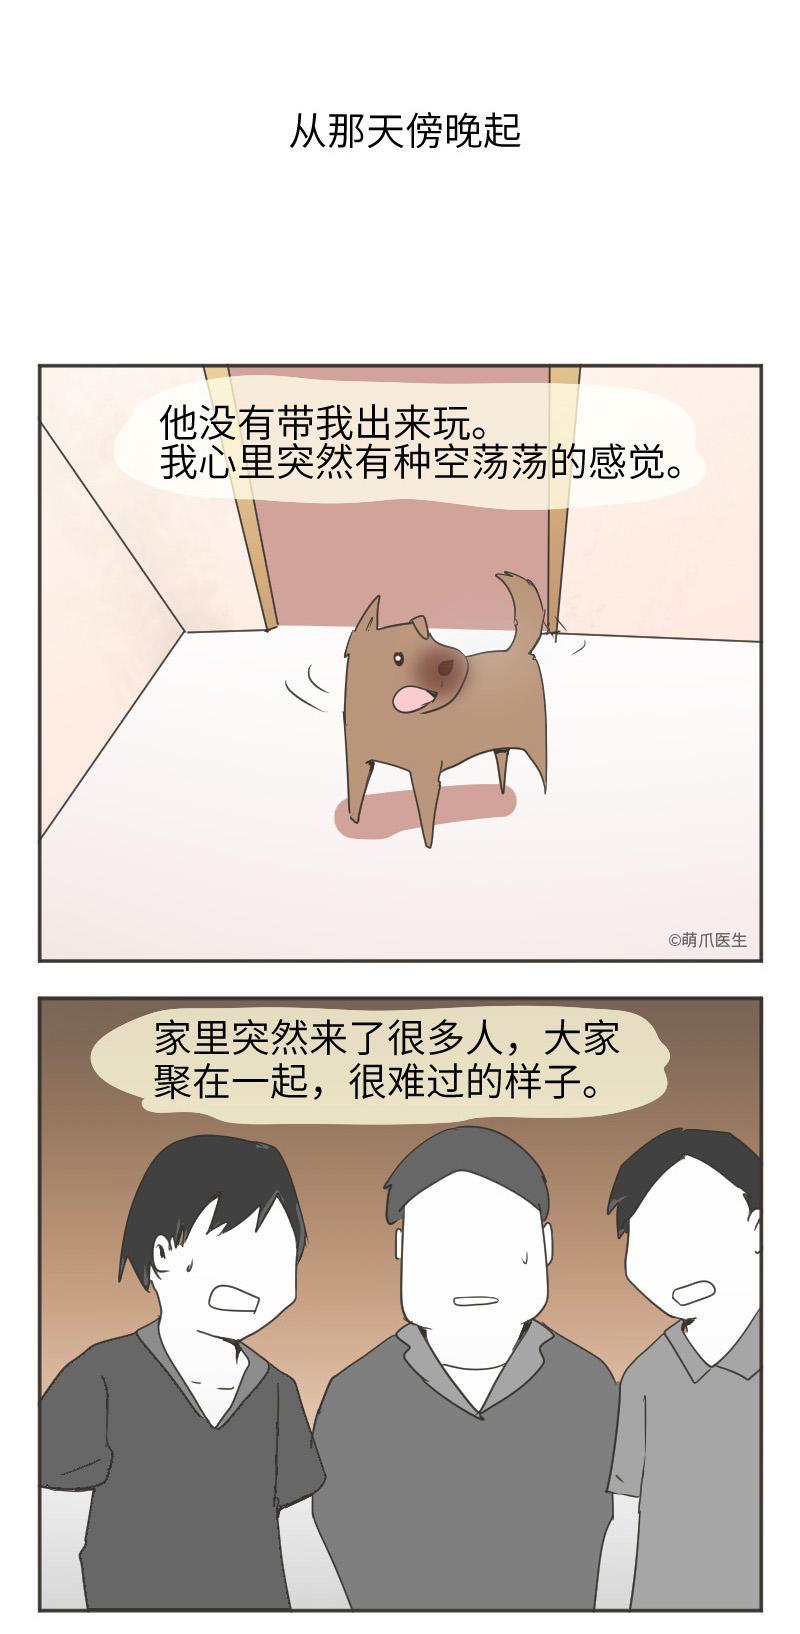 生命会终止,但宠物对你的爱不会。 | 宠物通灵师(四)